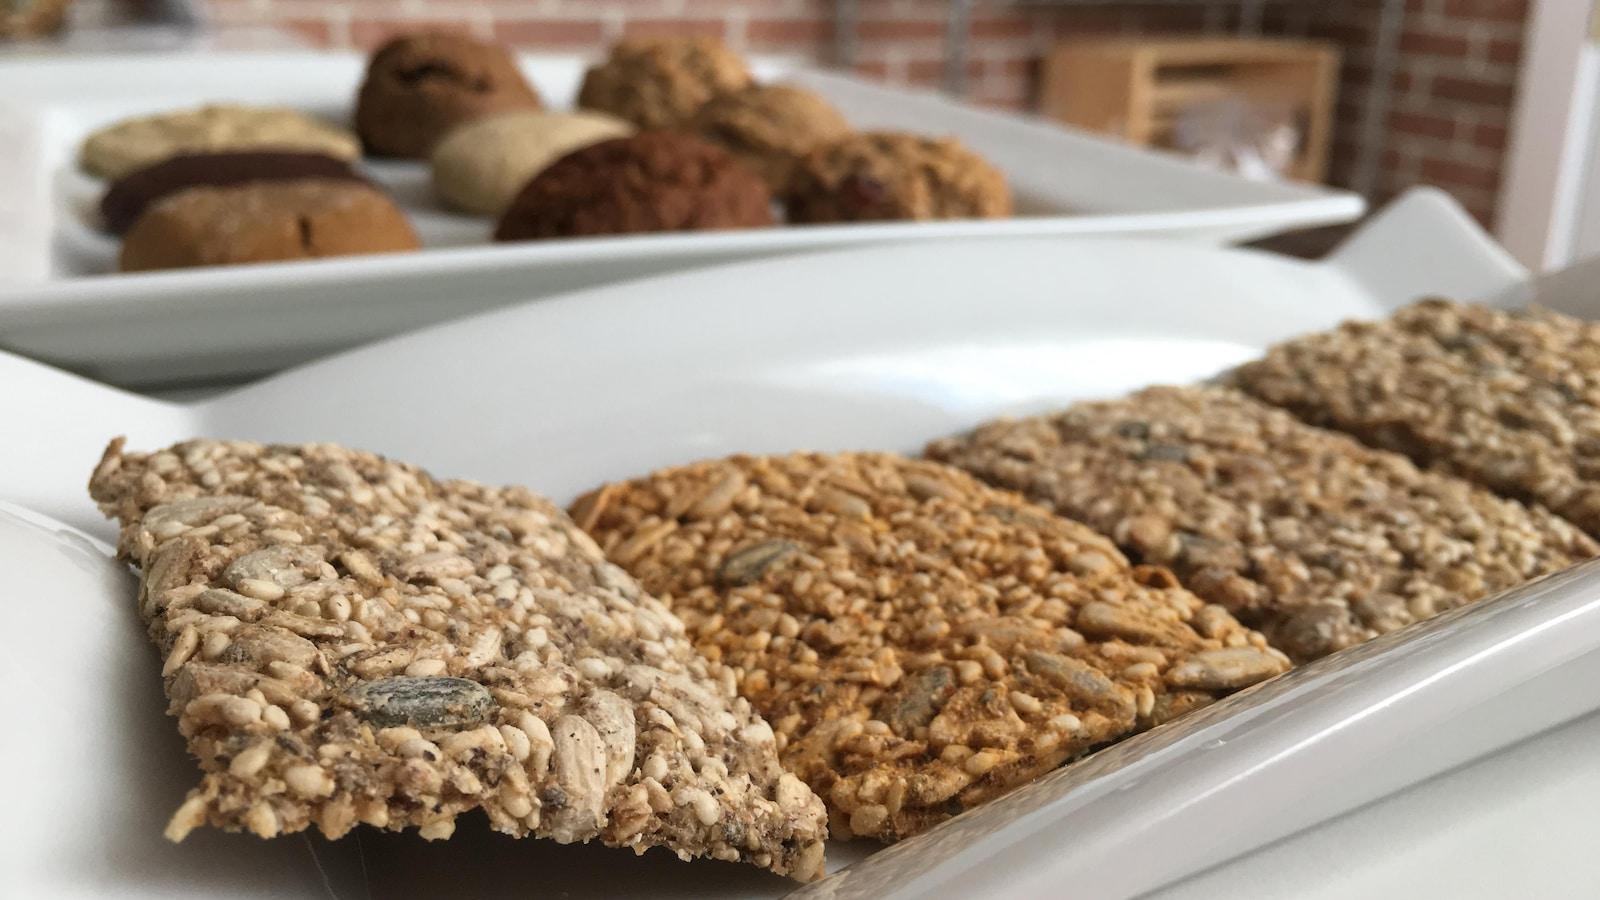 La fabrique gourmande propose différentes sortes de biscuits et de craquelins artisanaux.